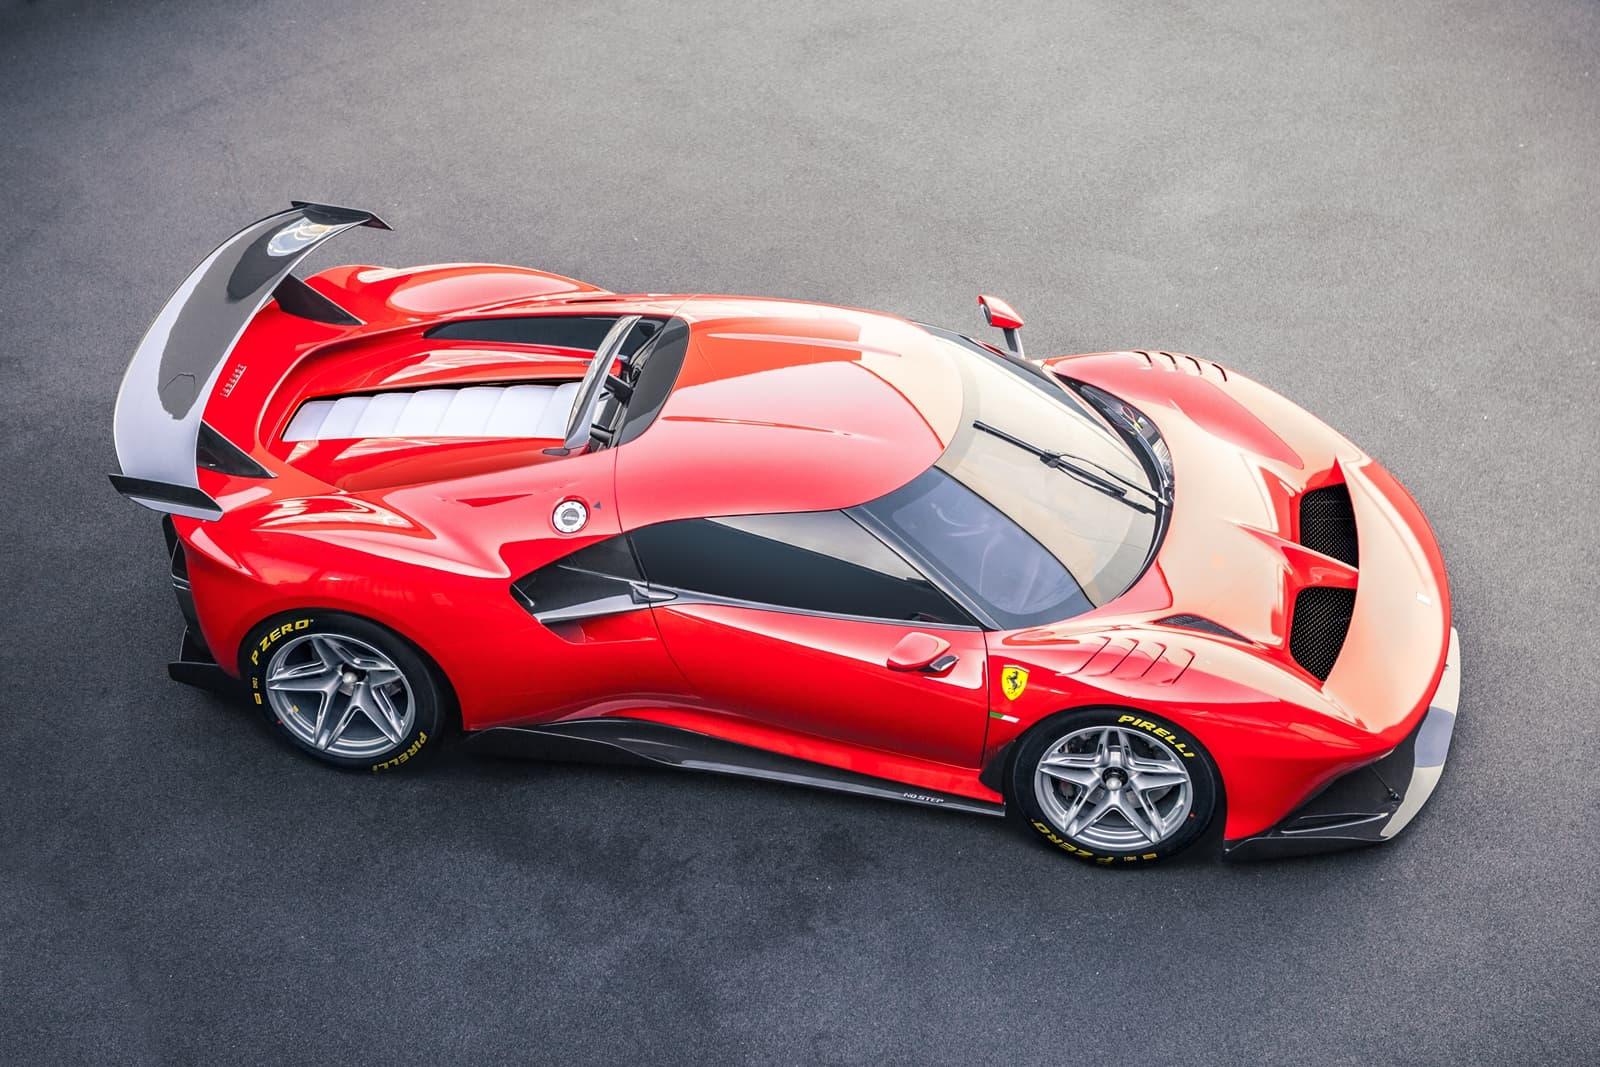 Ferrari P80c 2019 0319 003